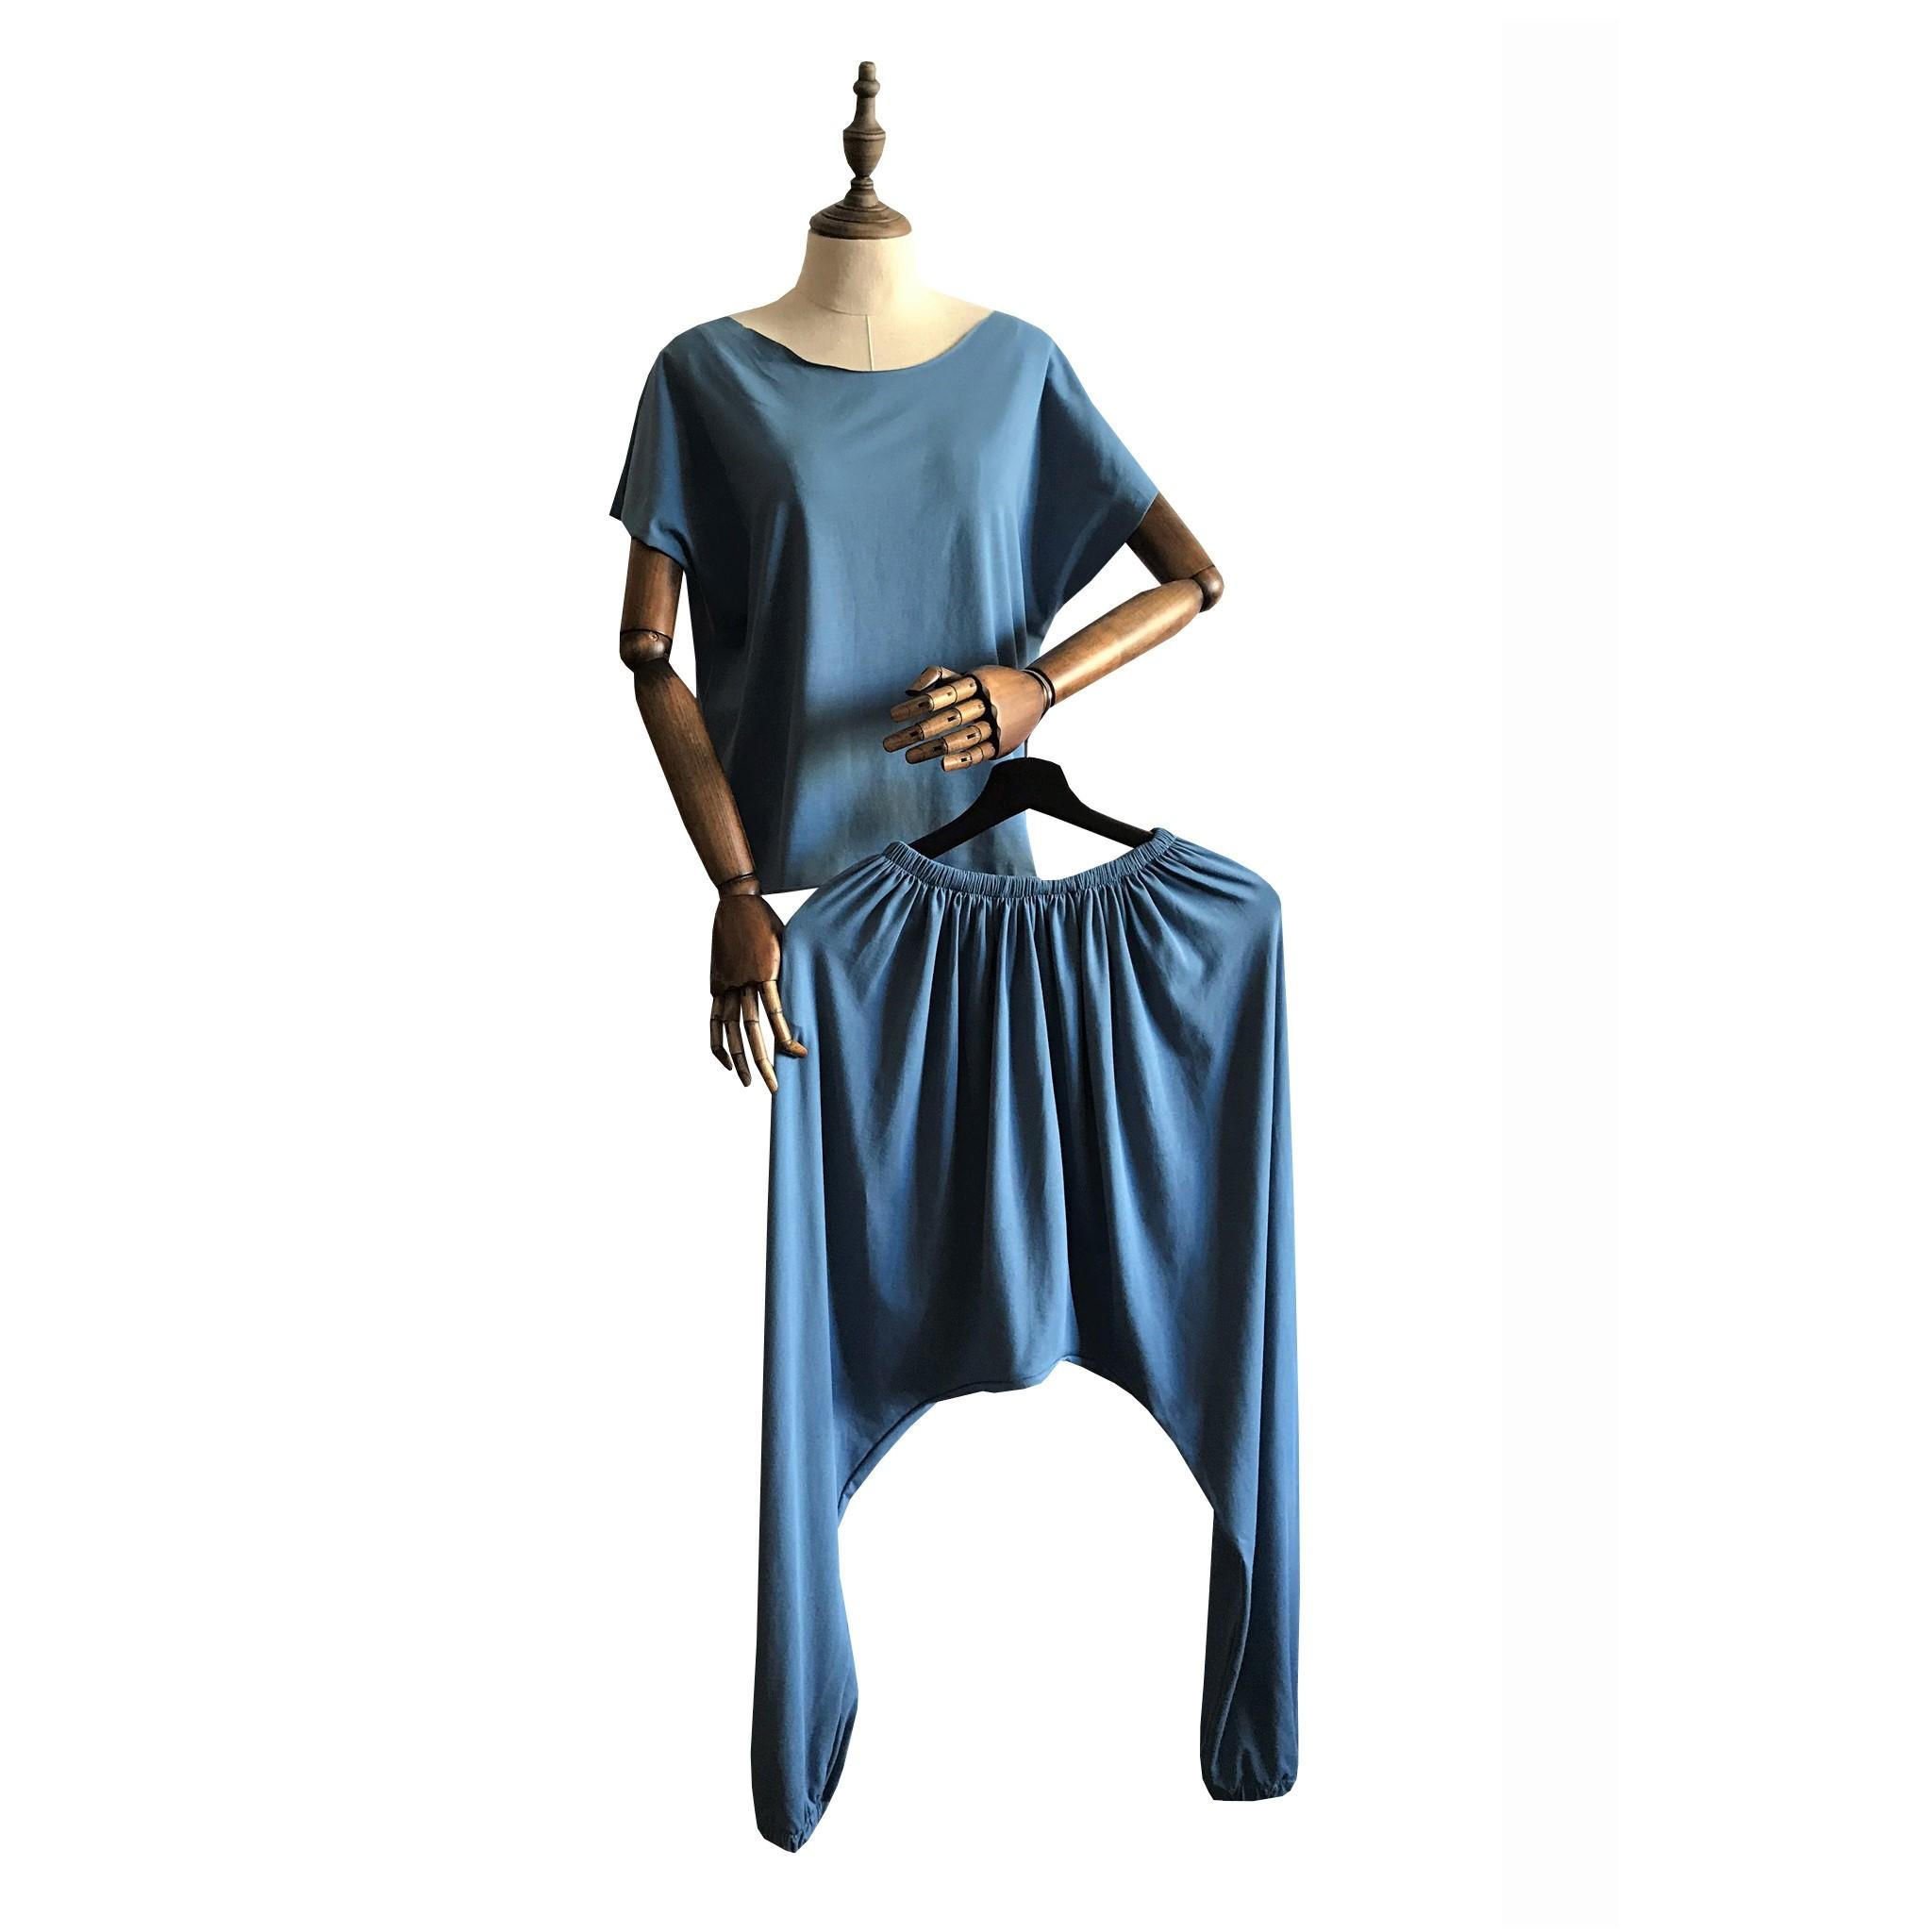 Шаровары зуавы укороченные унисекс РамаЙога (0,3 кг, OS (42-46), голубой) футболка для йоги женская free рамайога ramayoga голубой 0 3 кг 42 46